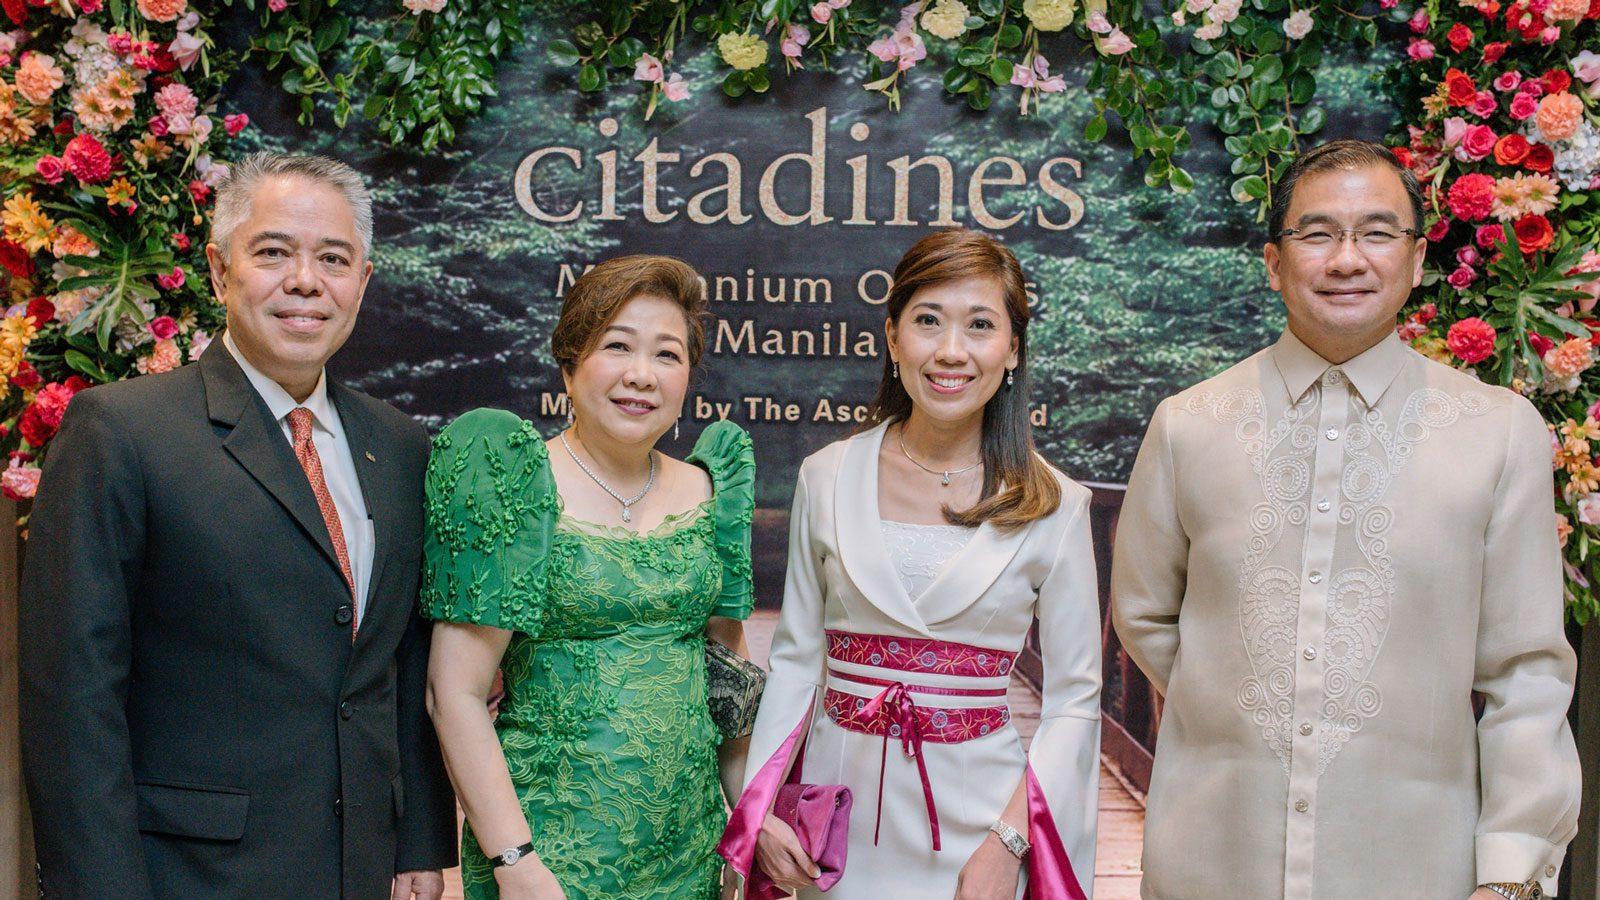 Citadines Millennium Ortigas Manila grand launch